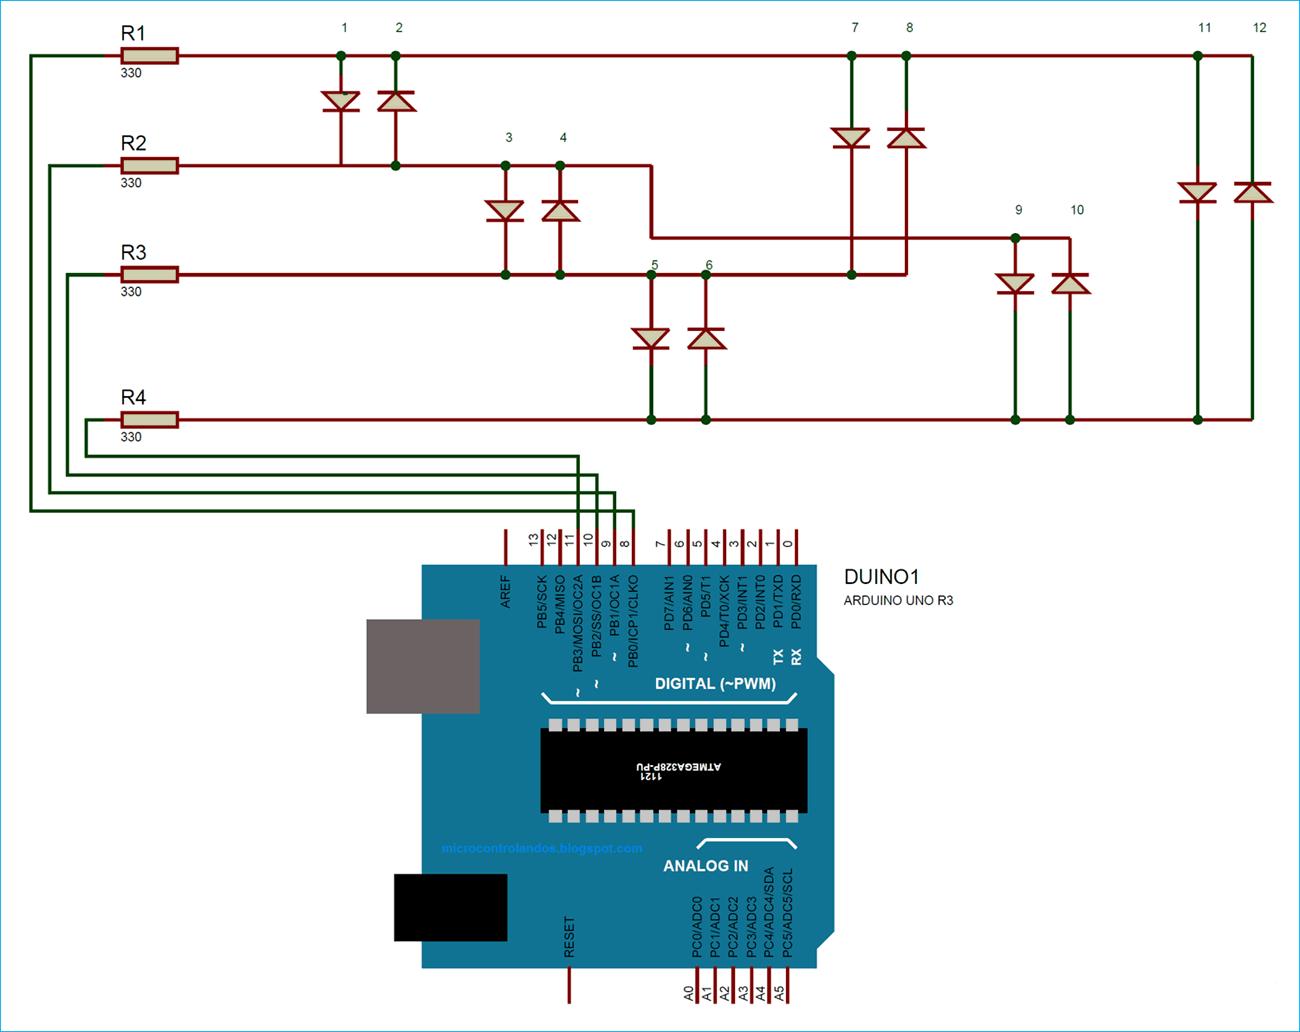 Схема проекта для демонстрации технологии чарлиплексинга в плате Arduino